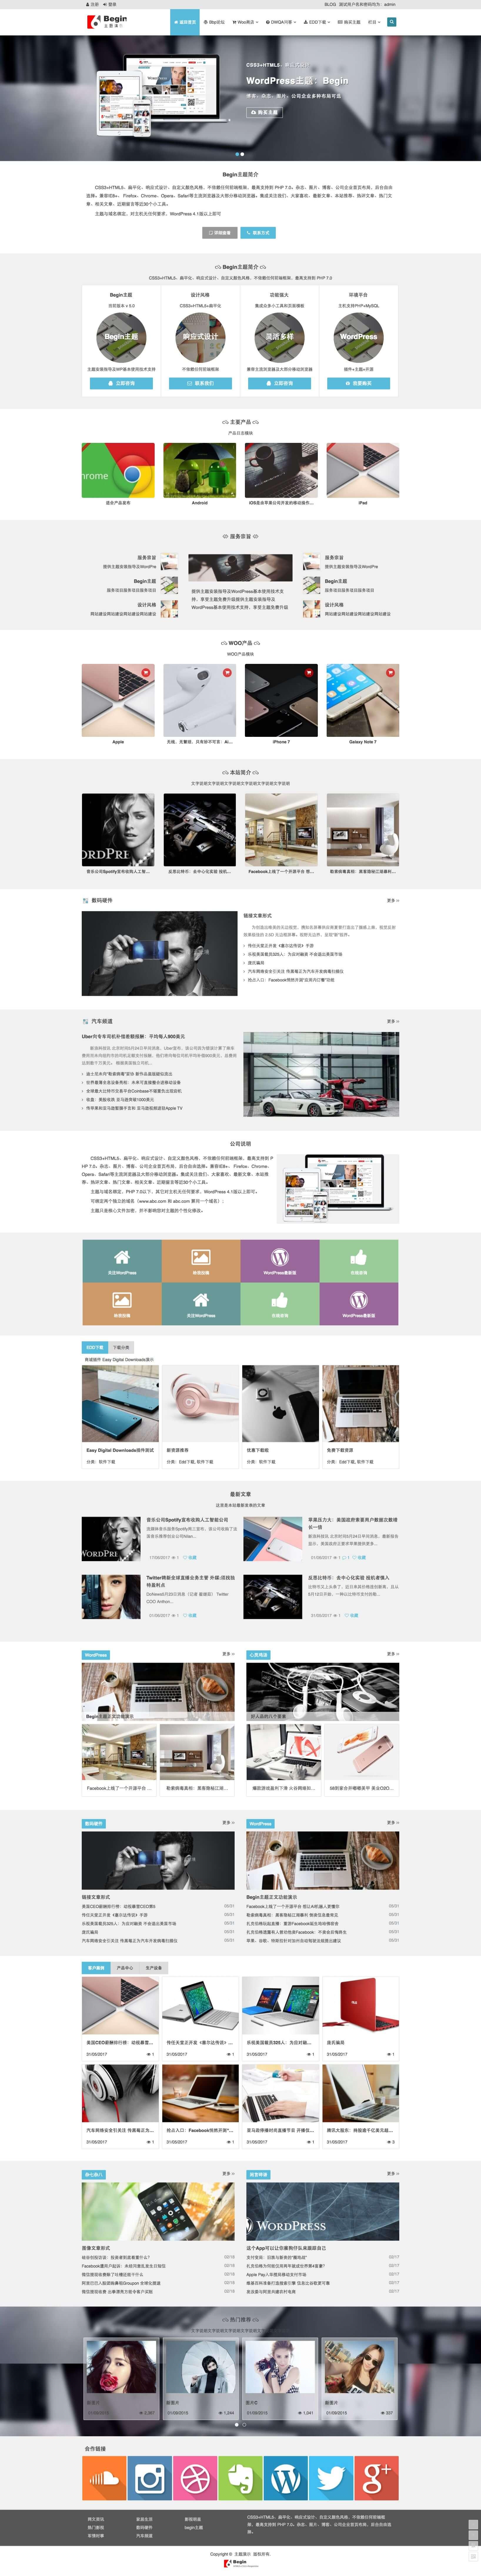 WordPress Begin主题响应式设计博客,杂志,图片,公司企业多种布局